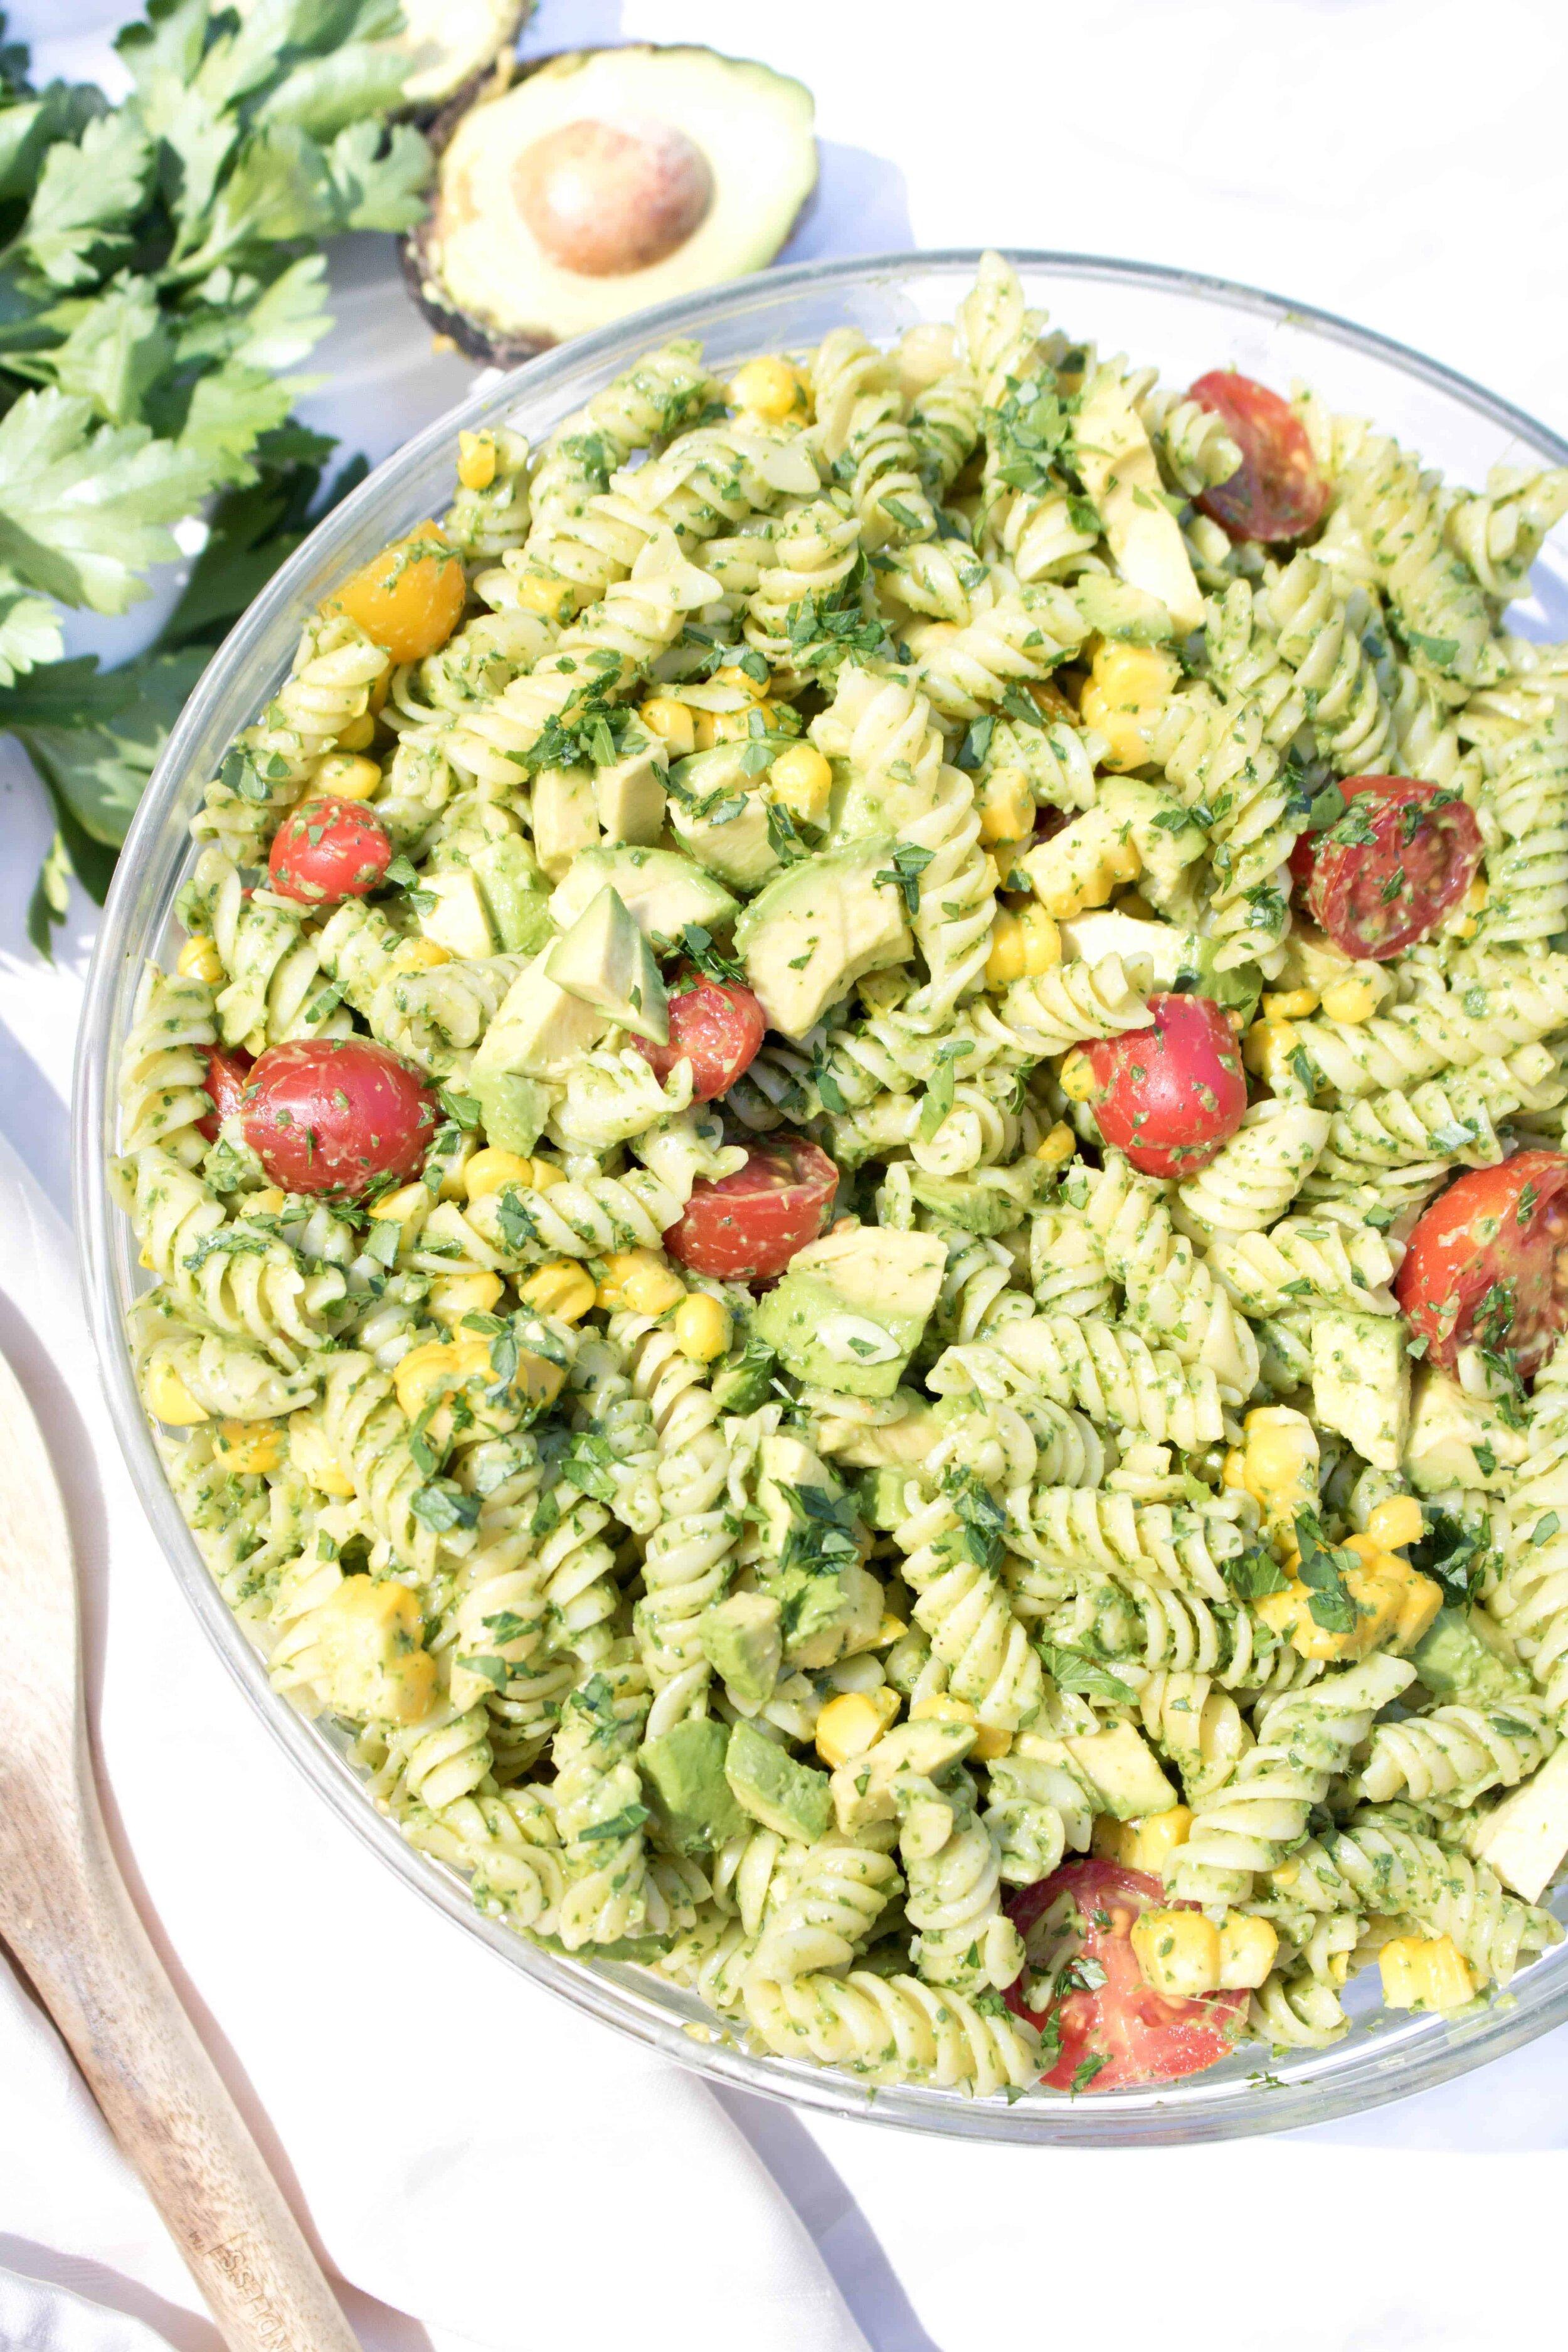 Healthy Avocado Pasta Salad